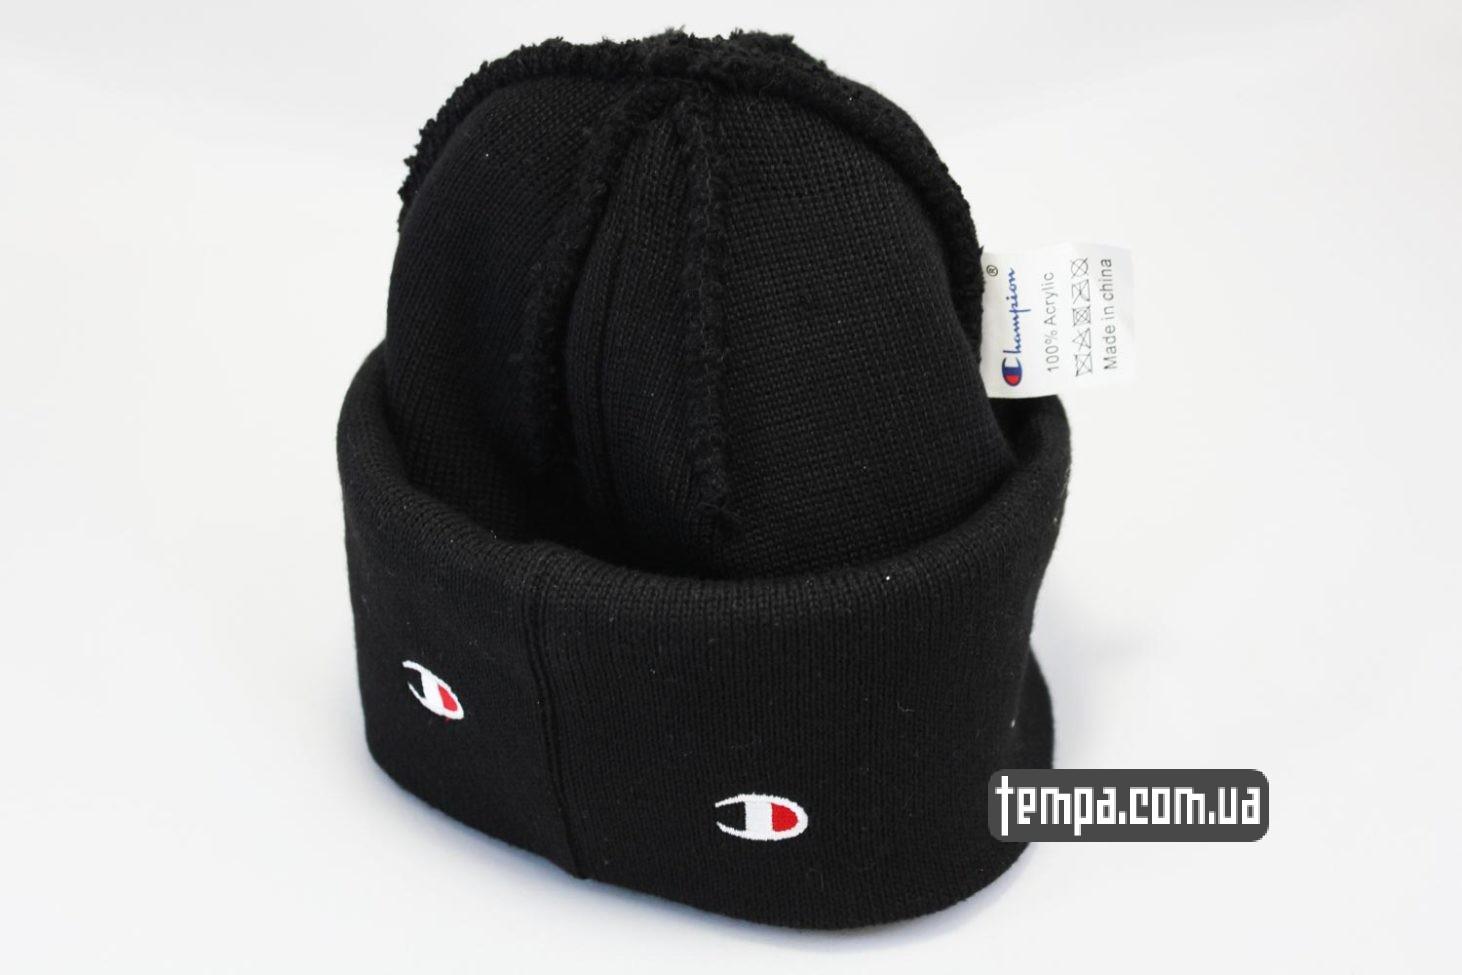 теплая зимняя шерастяная шапка beanie Champion black черная с логотипами